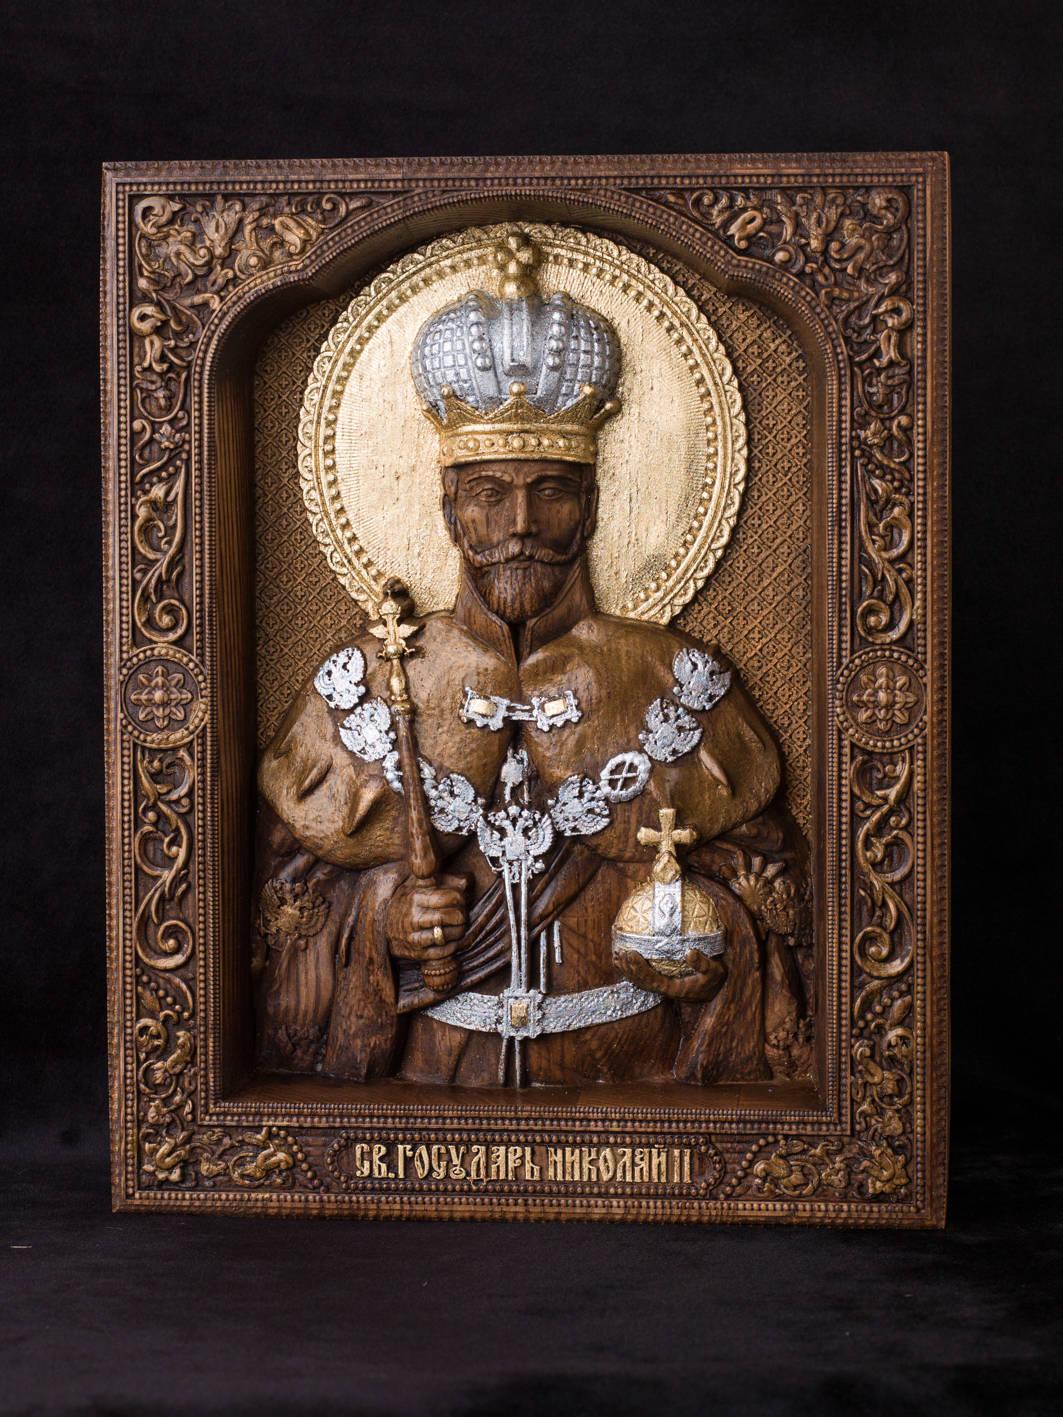 Икона.Святой государь Николай второй.Материал дерево ясень.Сусальное золото,серебро, воски. Размер 26х21 см